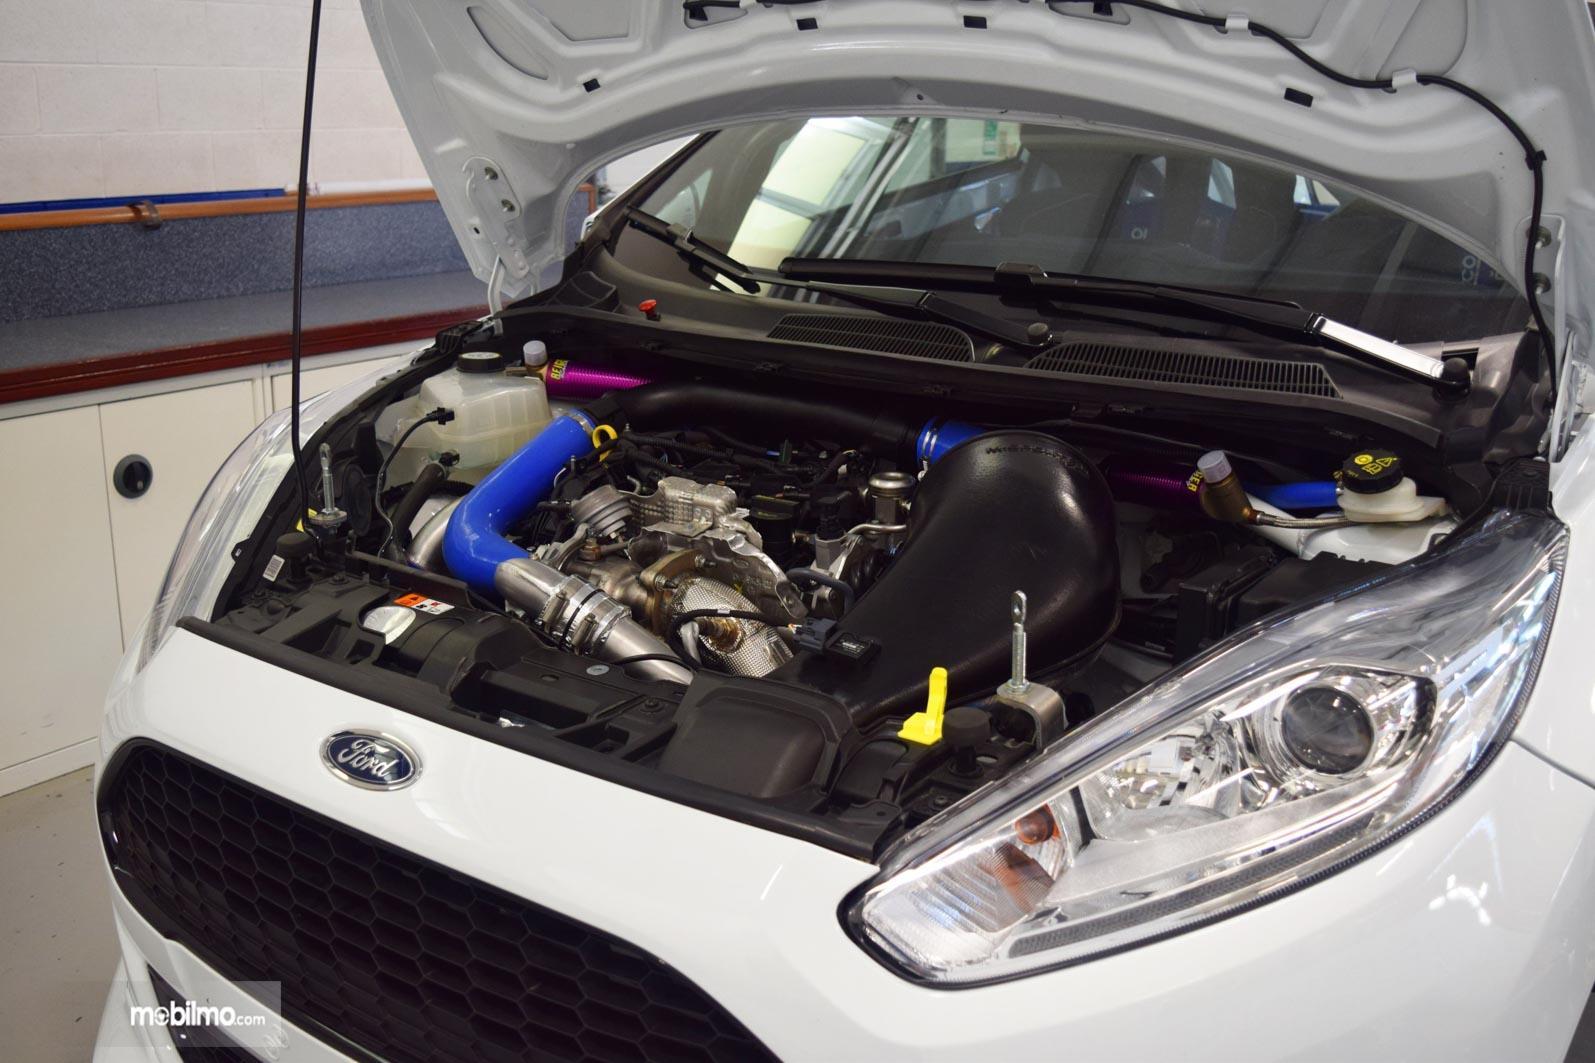 Gambar bagian Mesin 1,0 liter EcoBoost di All New Ford Fiesta RS R2 2019